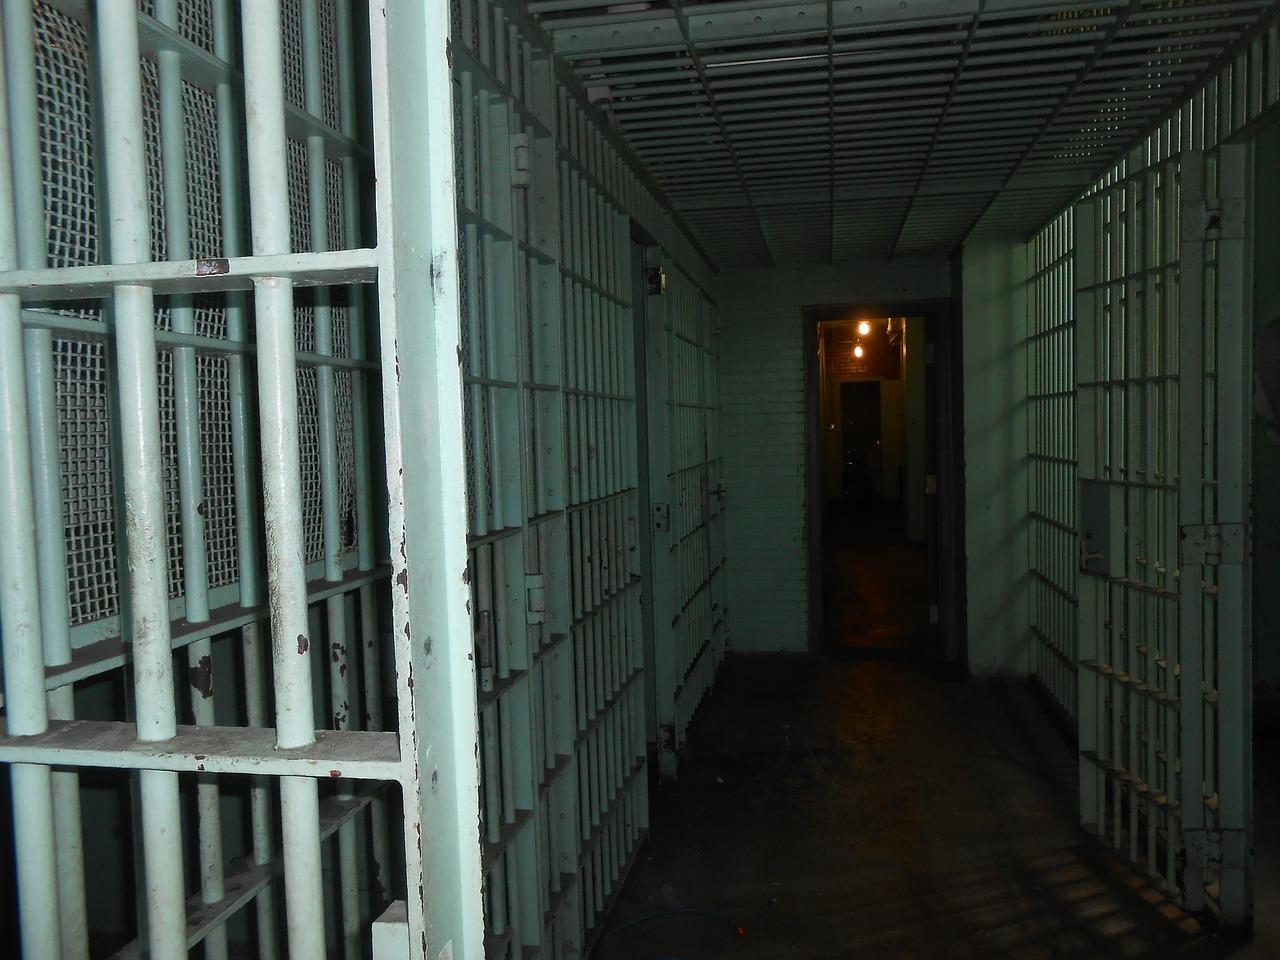 muziek uit de gevangenis